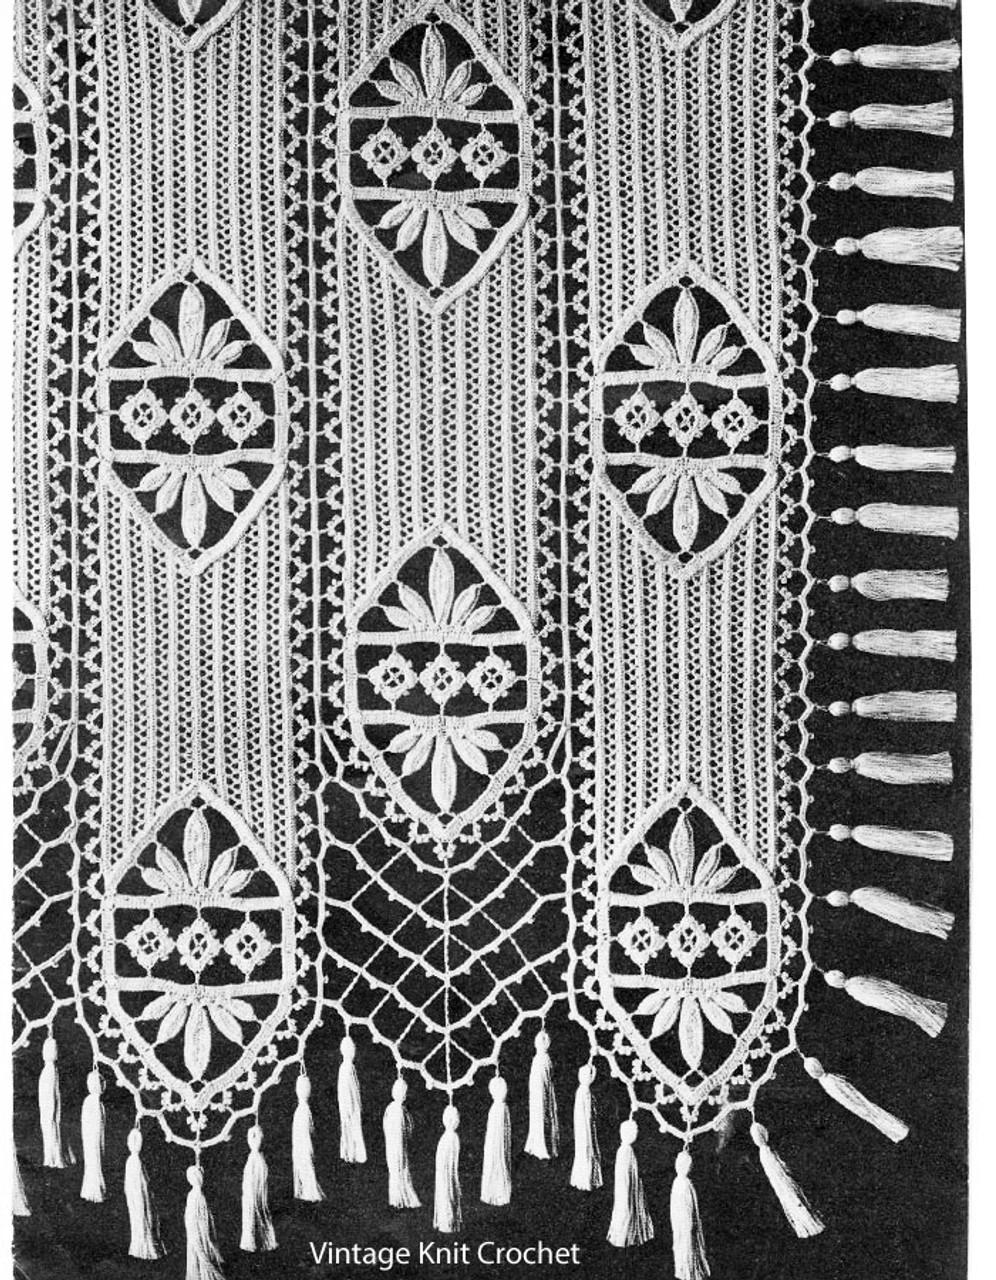 Vintage Lace Panel Crochet Bedspread Pattern